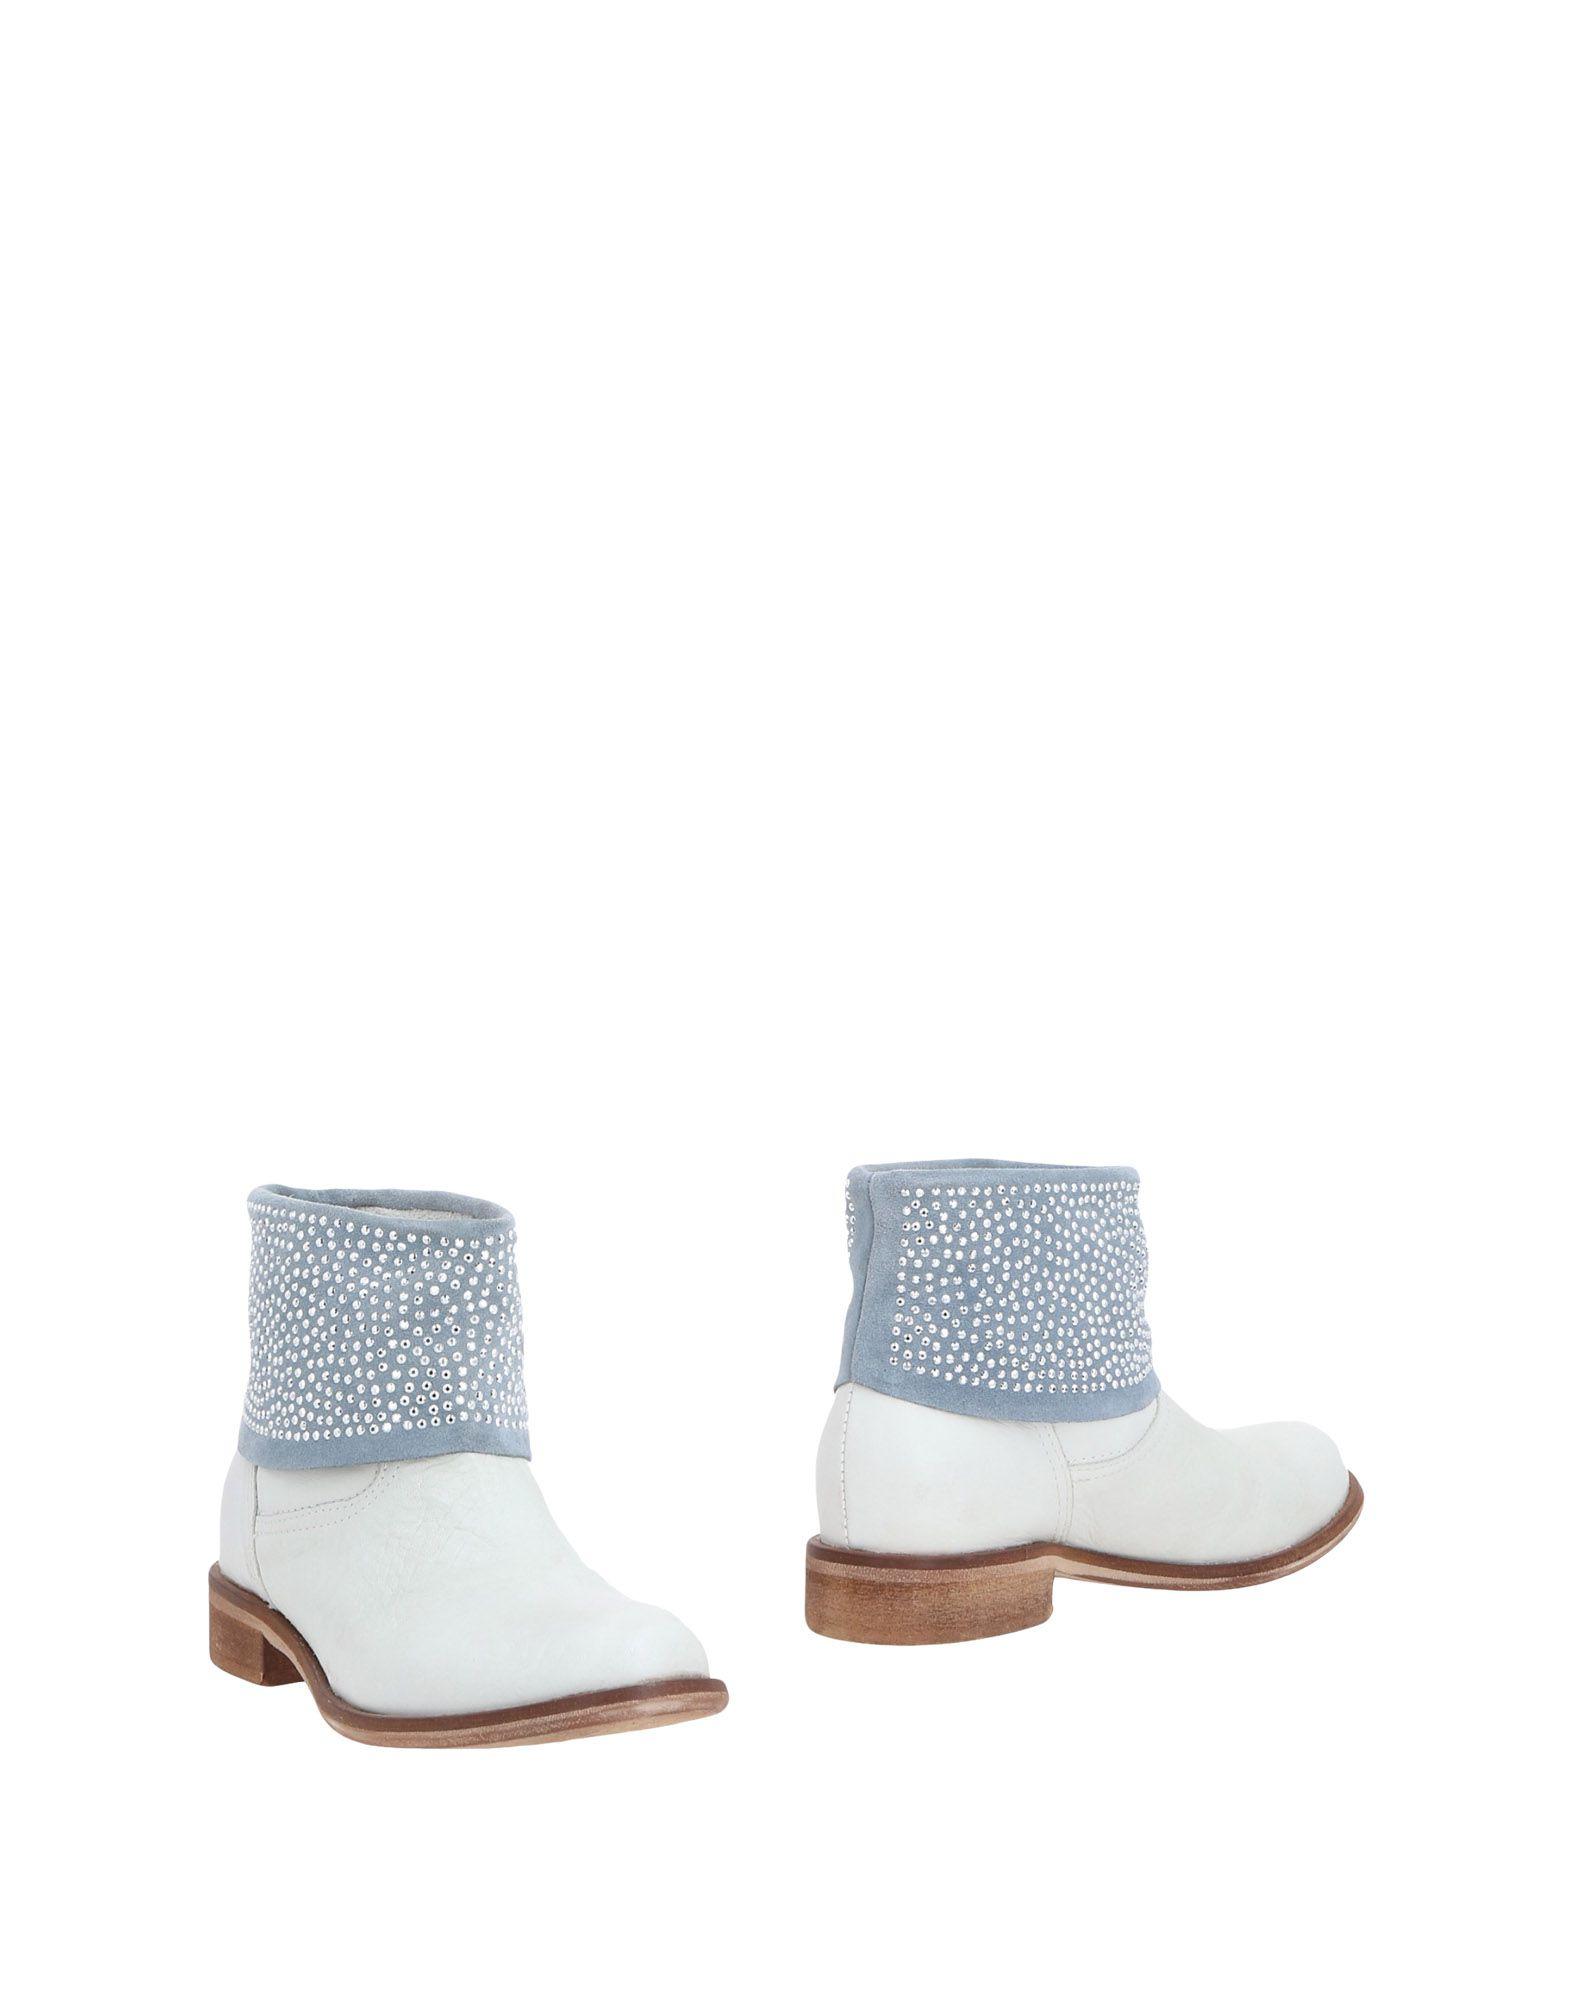 Paola Parisi Stiefelette Damen  11467338DH Gute Qualität beliebte Schuhe